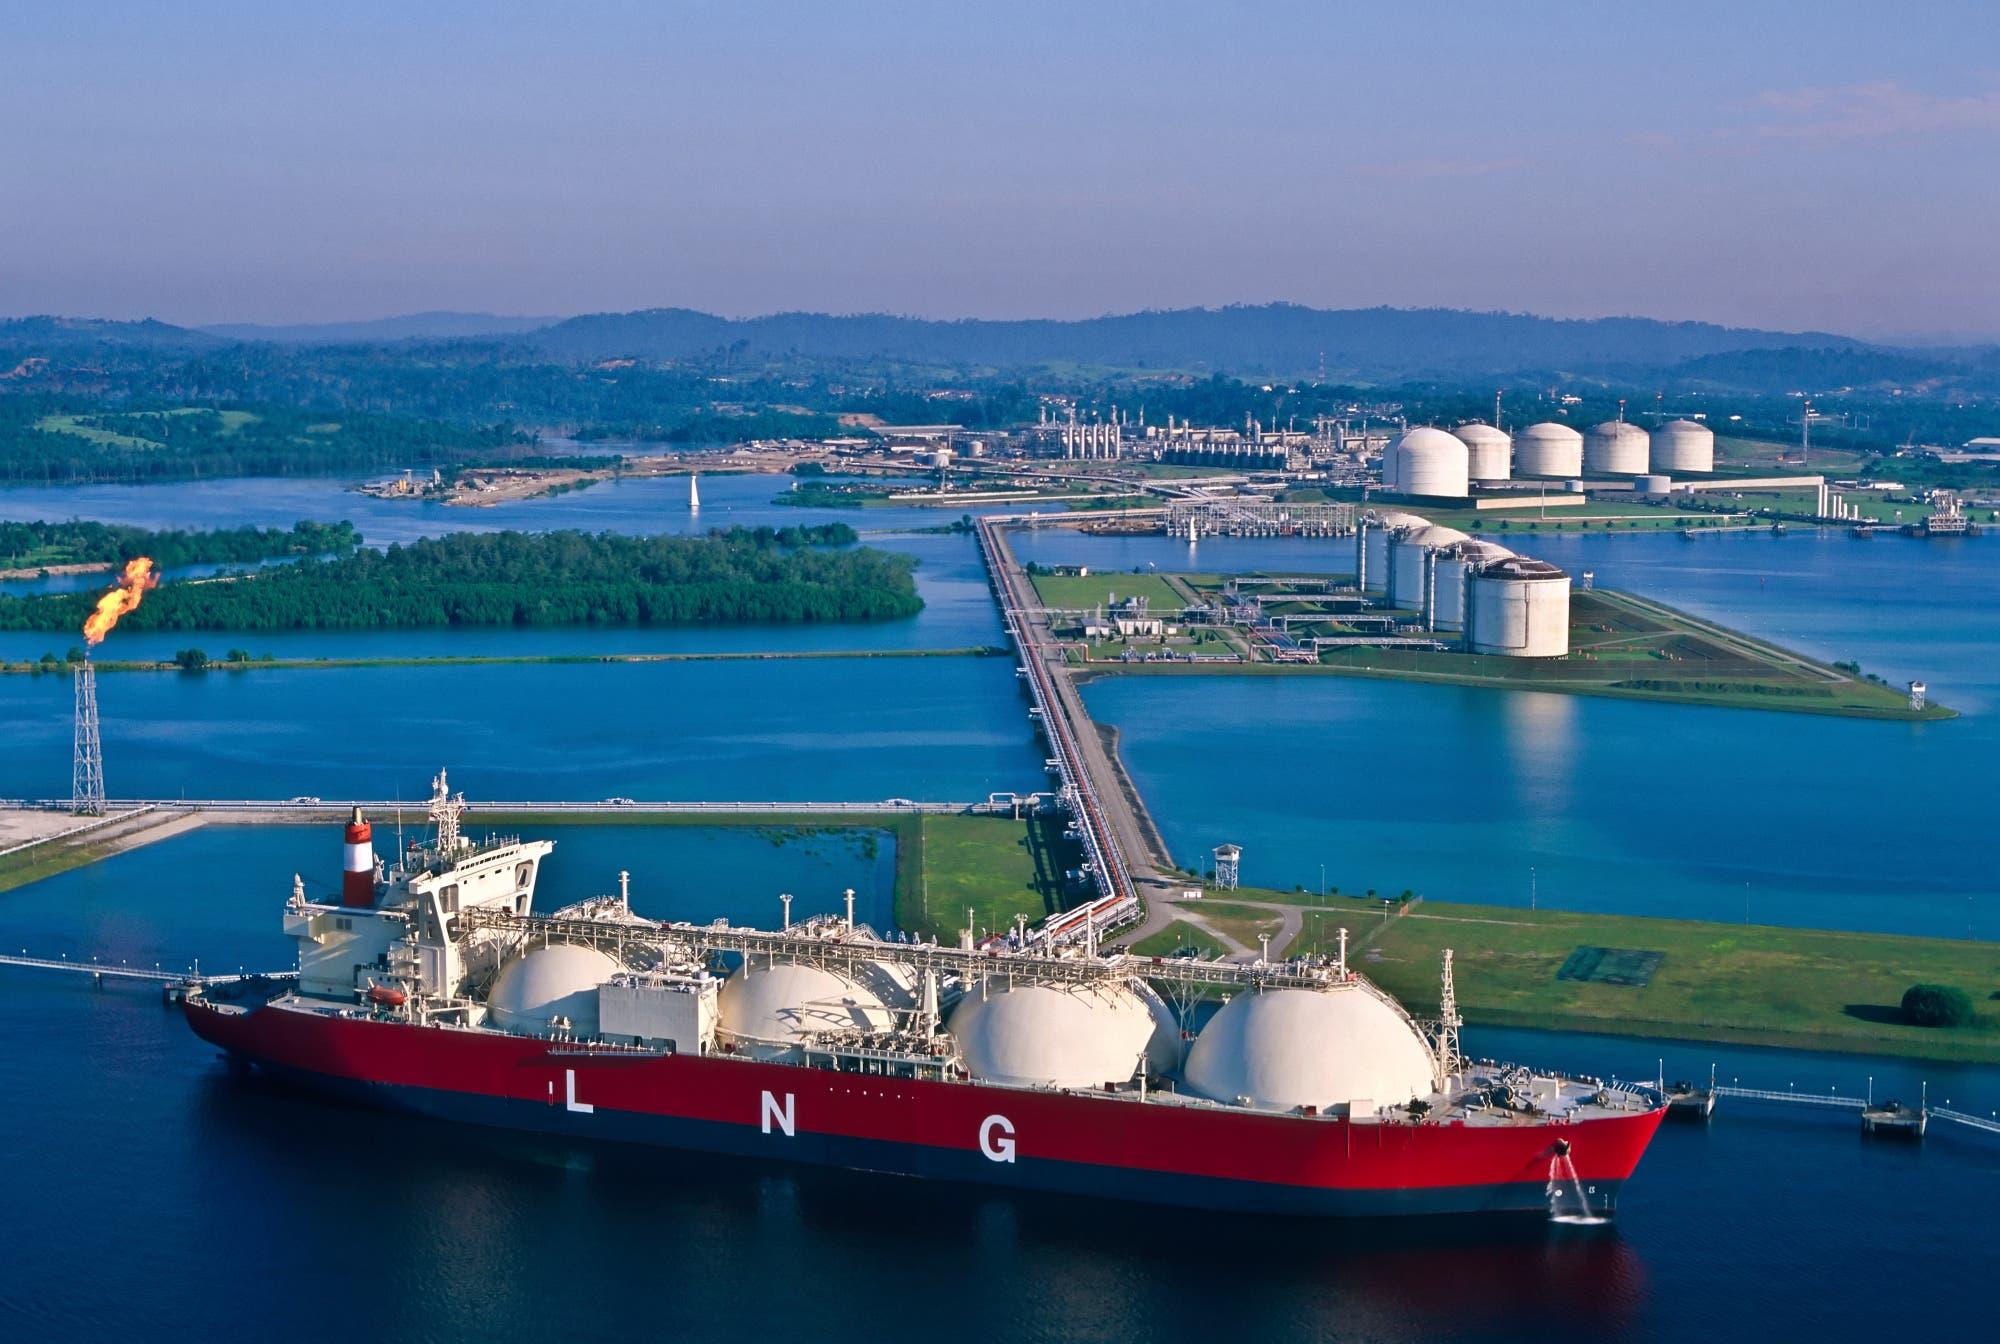 LNG-Tanker vor landbasierten Tanks